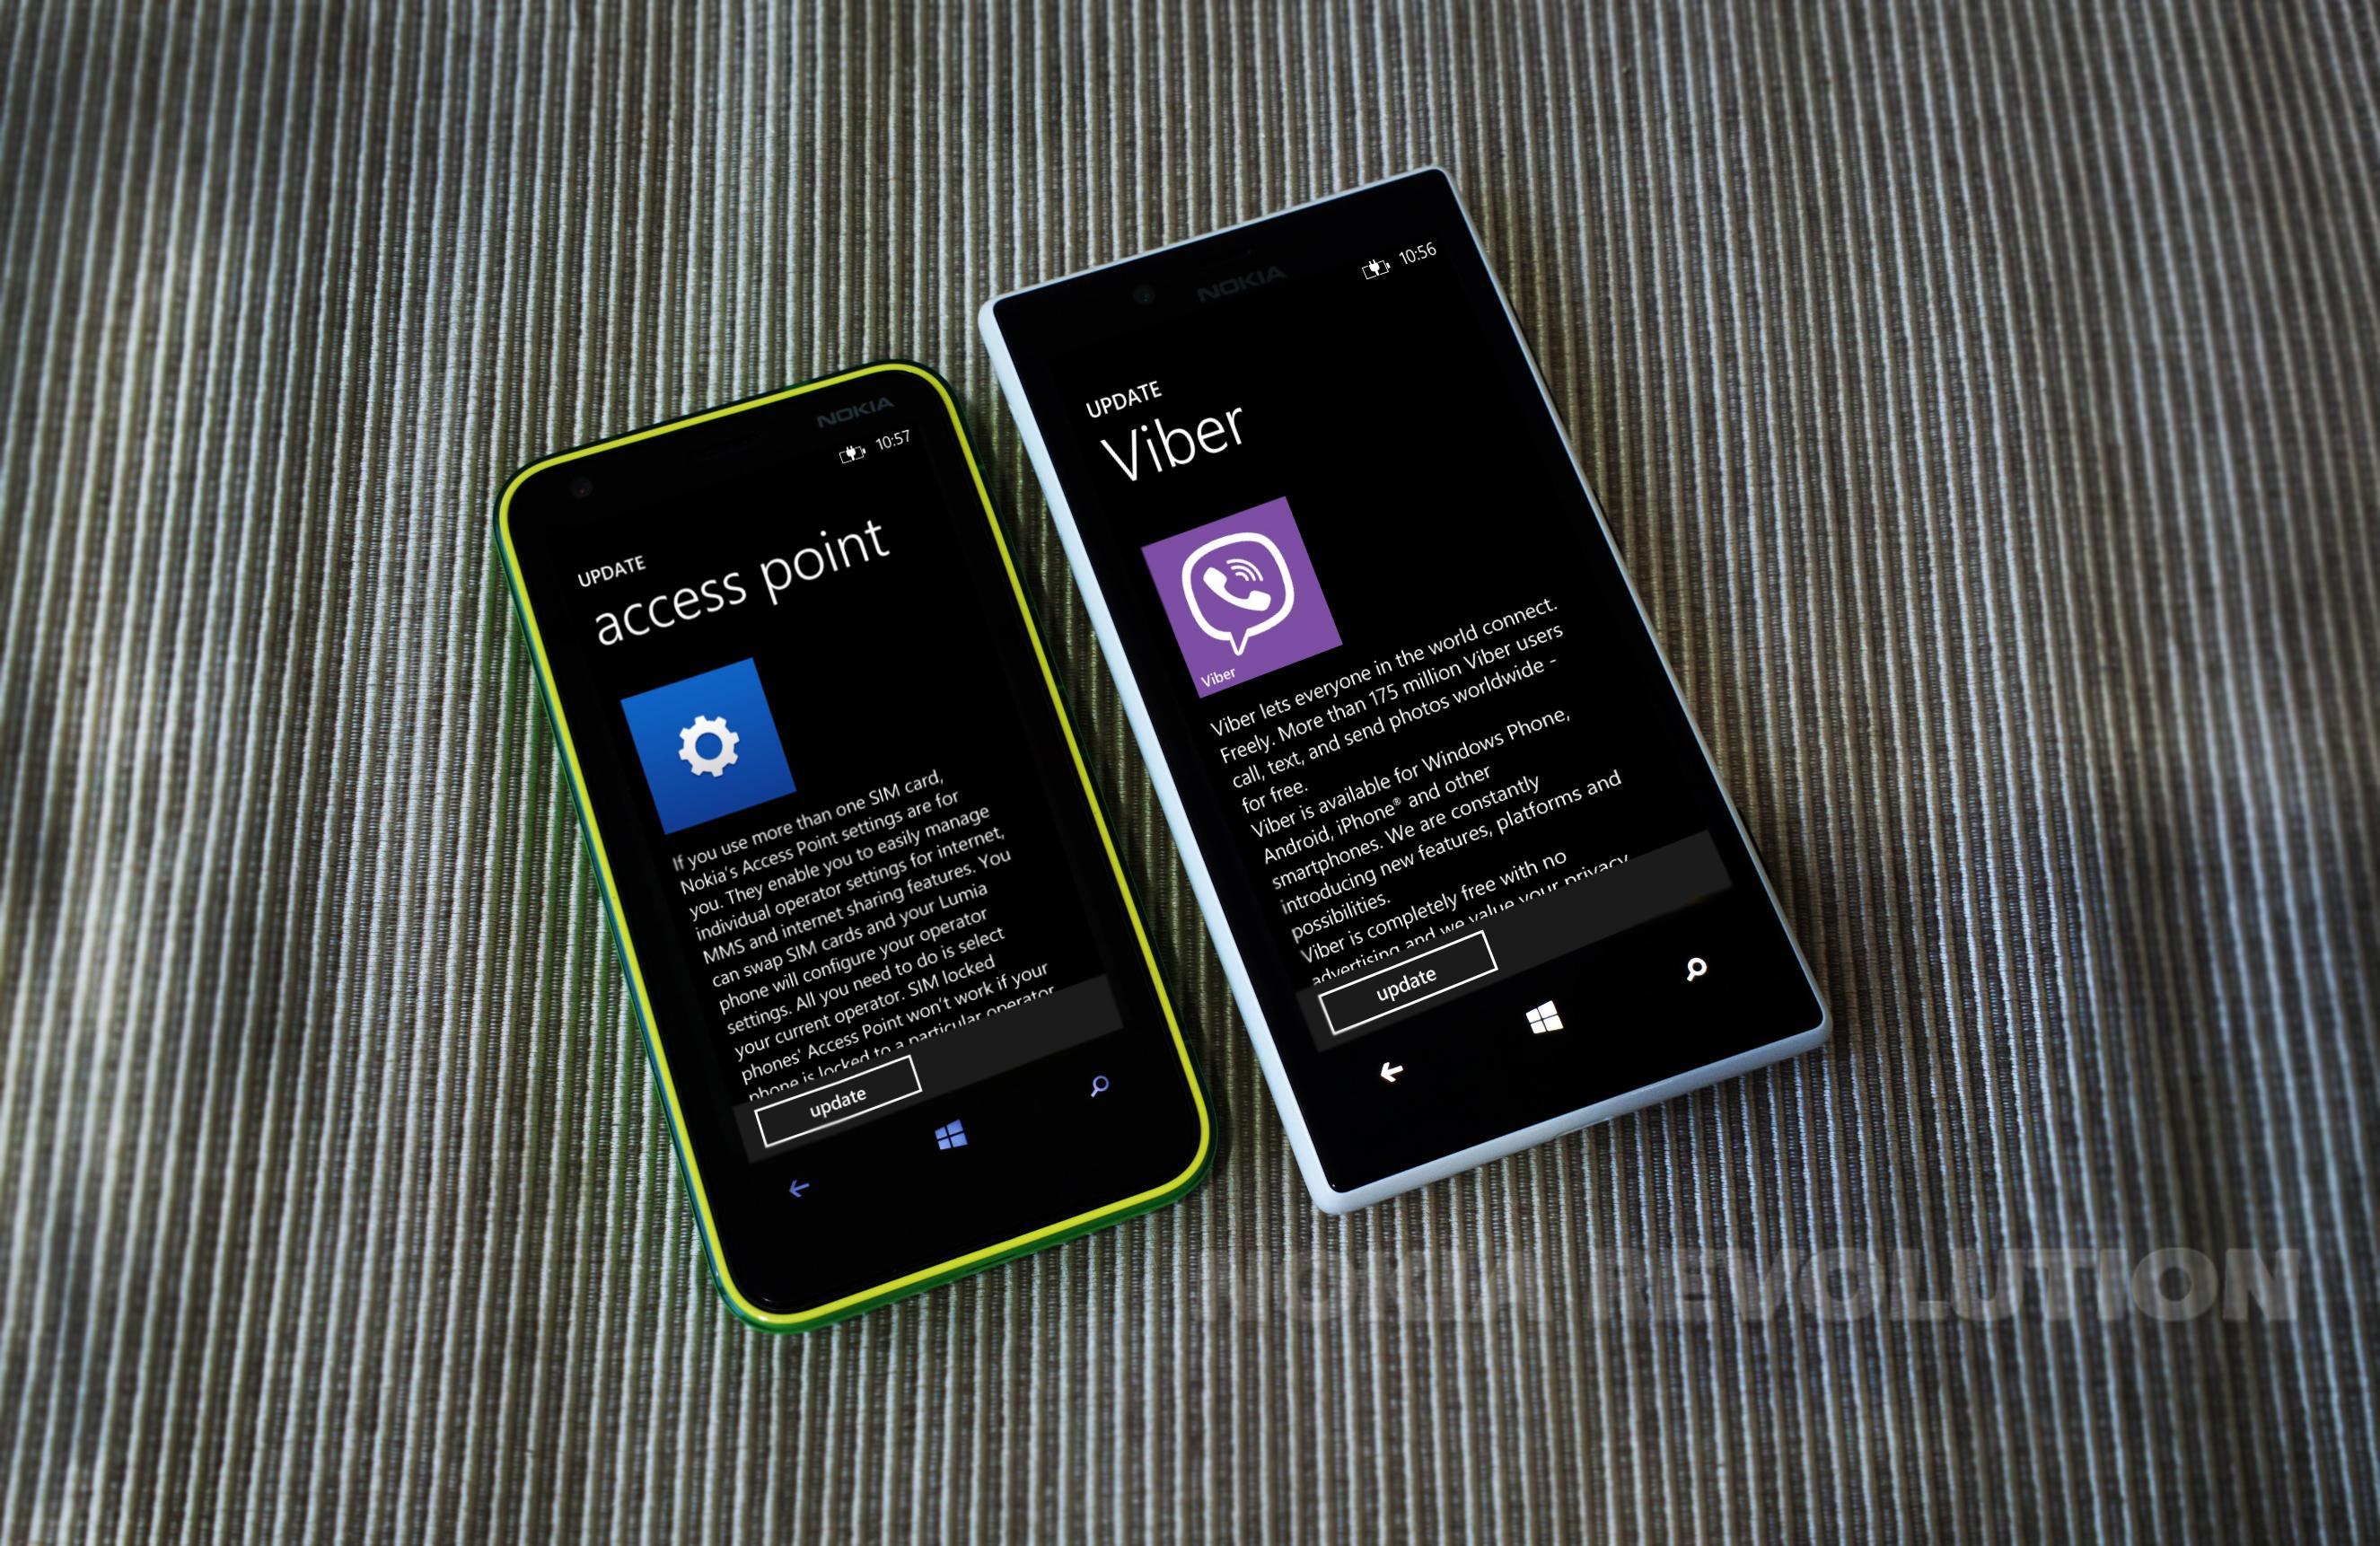 Lumia App Refresh: Viber and Nokia Access Point | nokiarevo